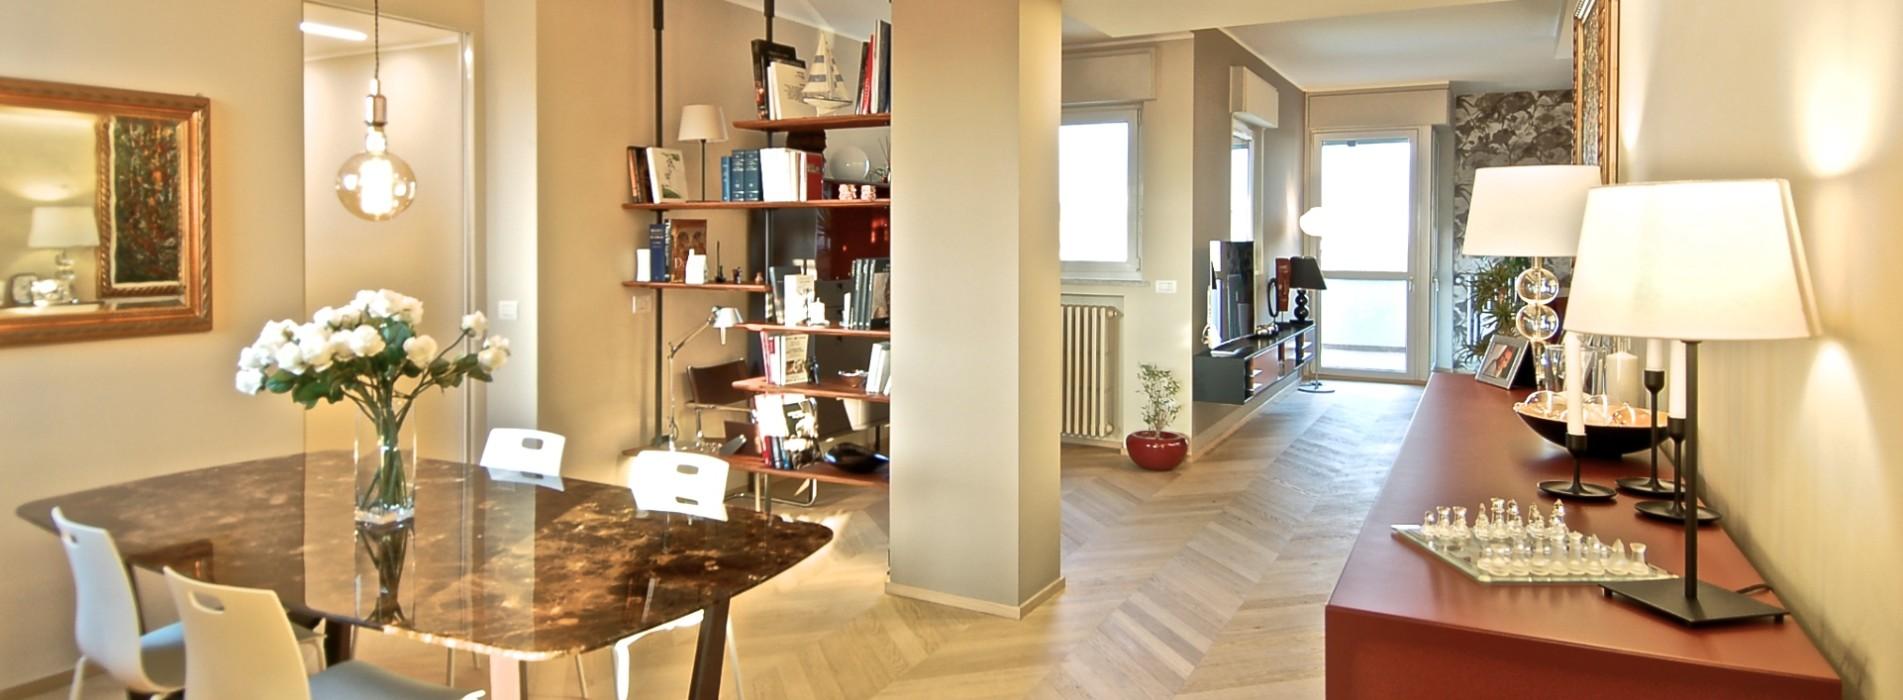 Vendita attico con terrazzo San Felice